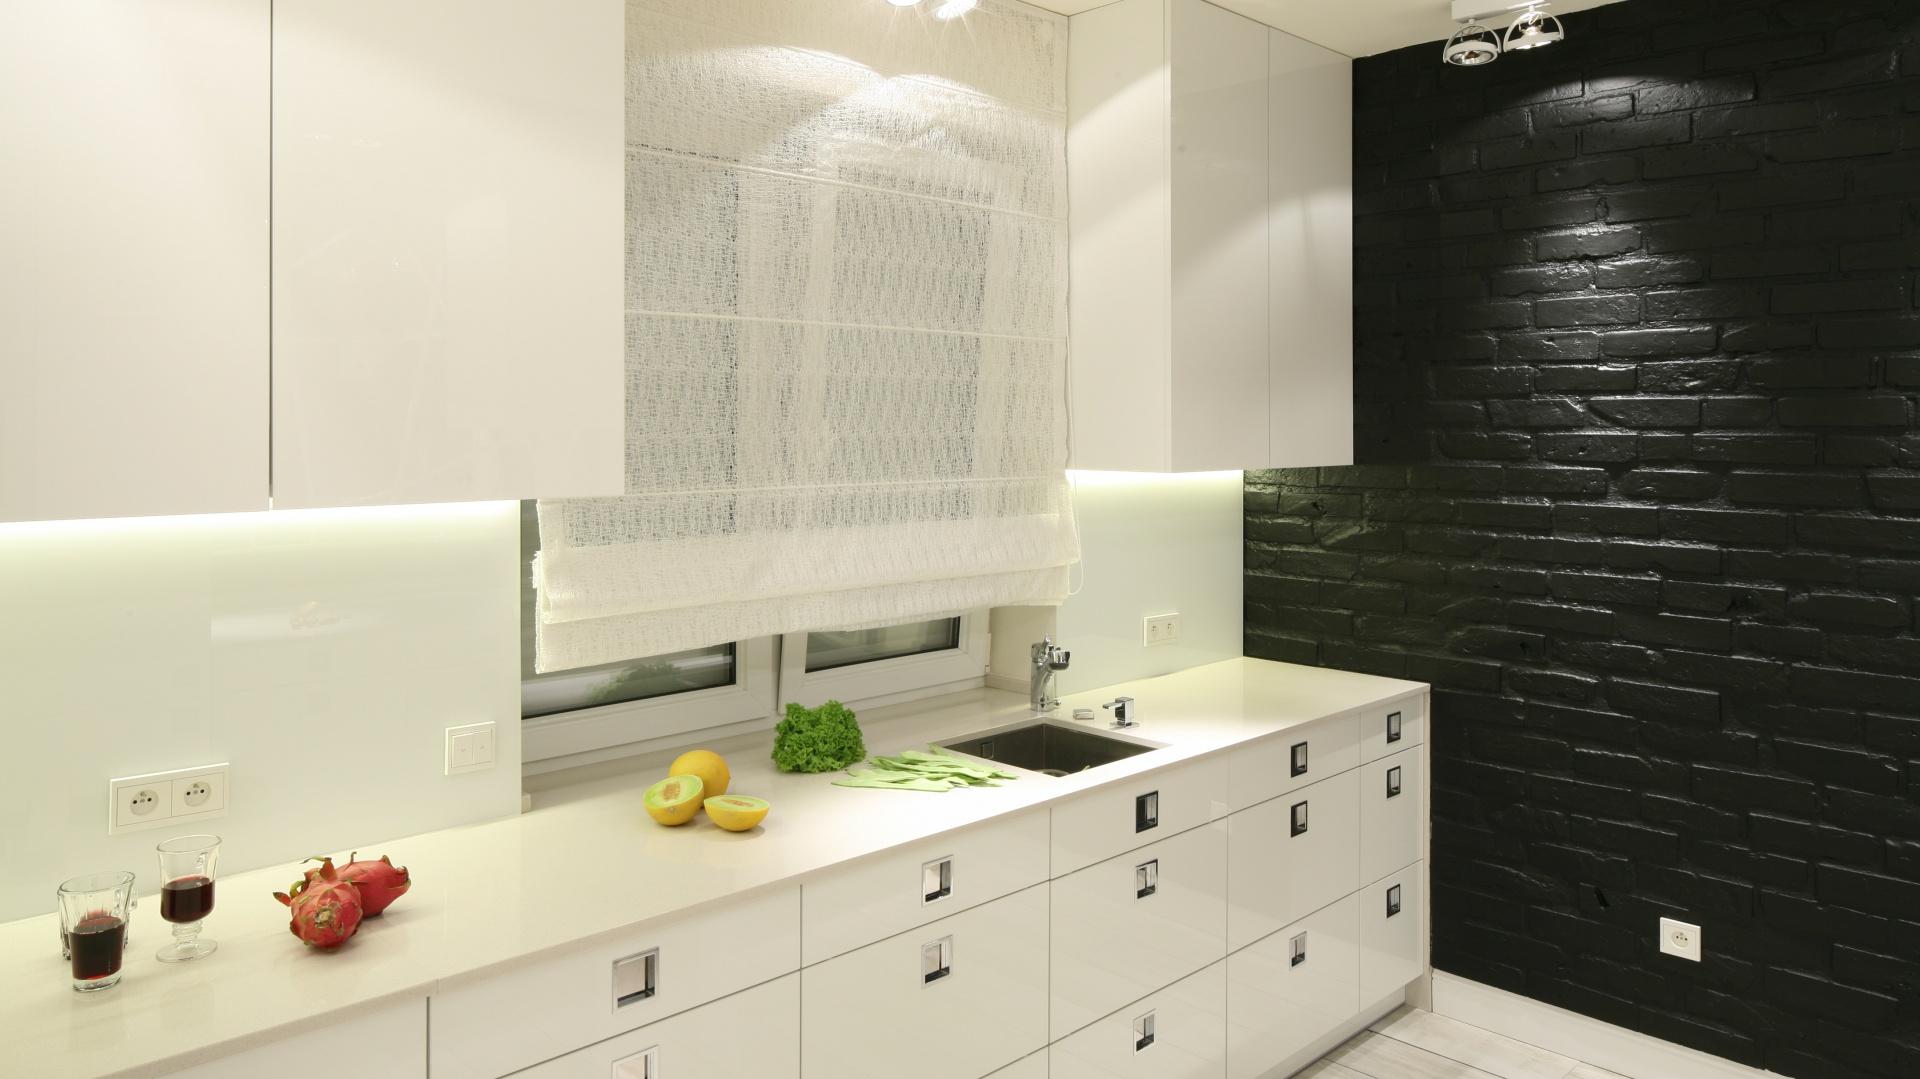 Fronty szafek i szuflad Czarno białe kuchnie   -> Kuchnie Z Uchwytami